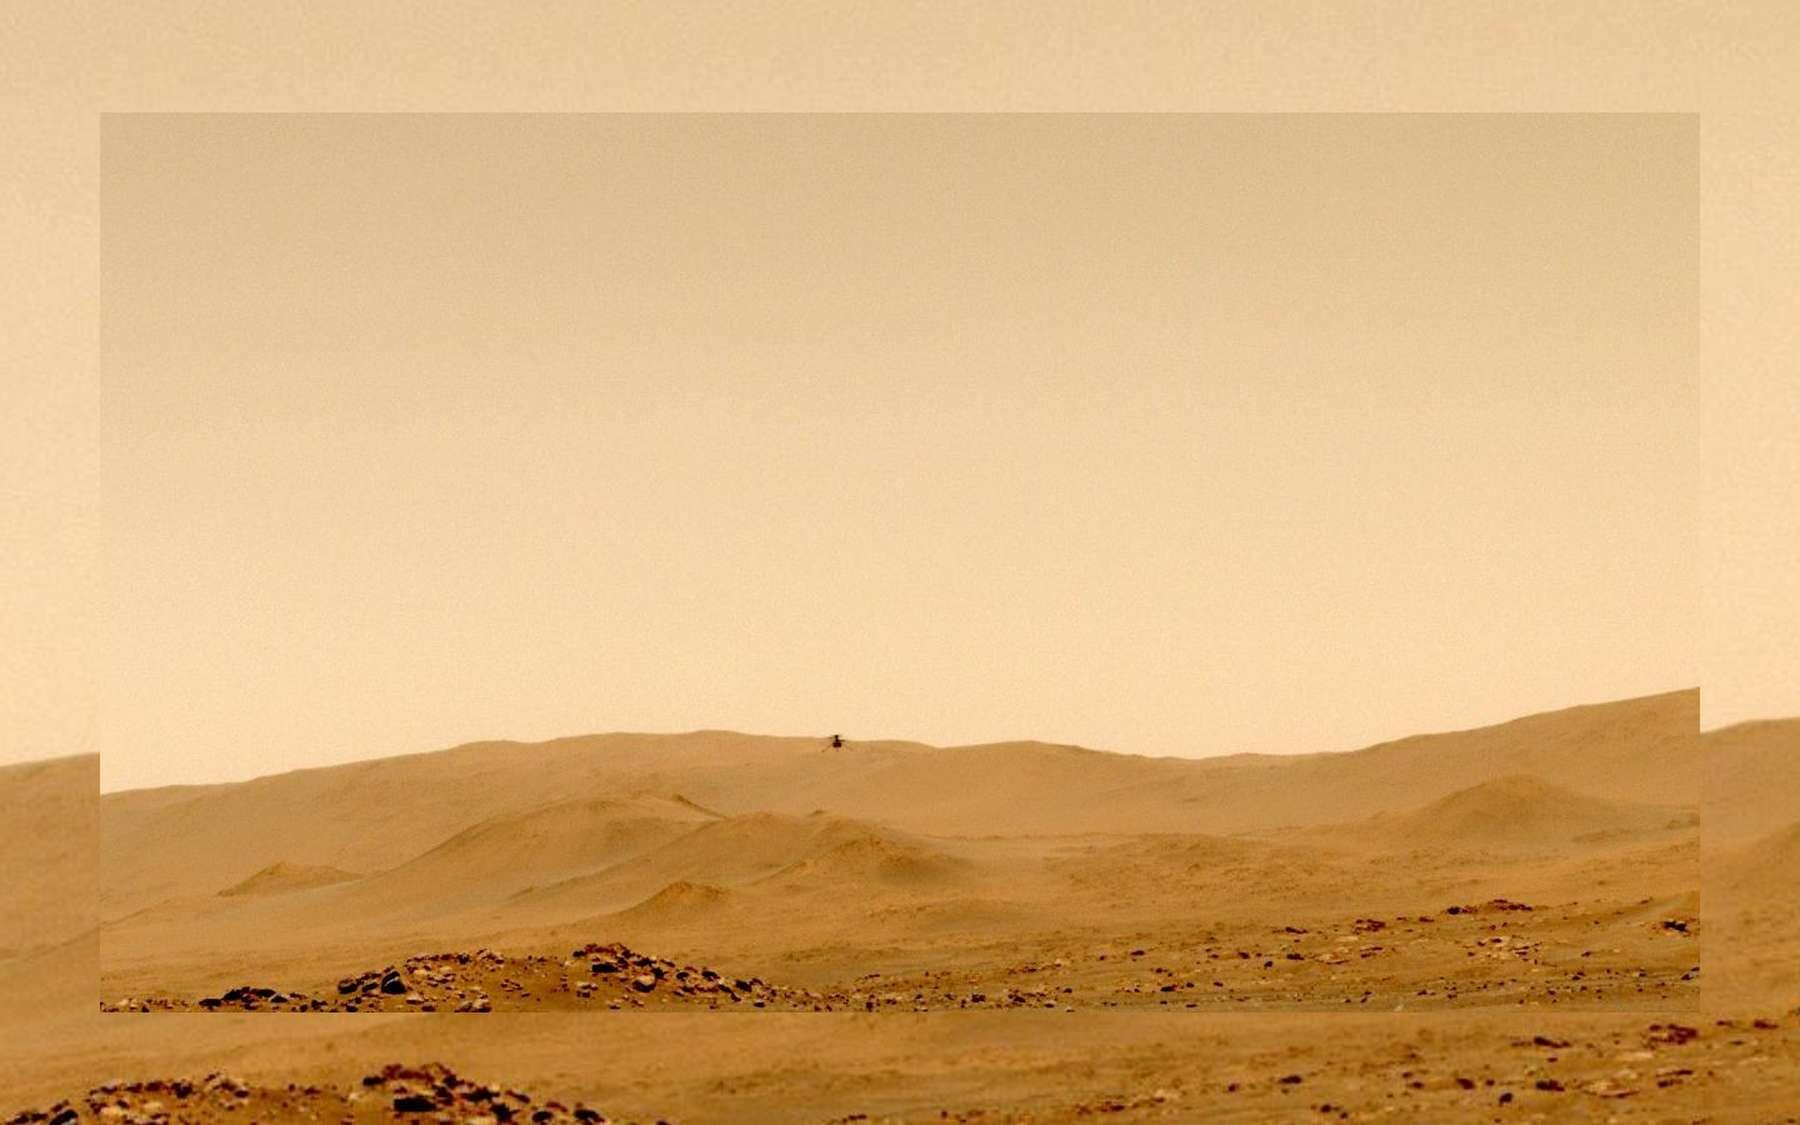 Ingenuity dans les airs, au-dessus de la surface de Mars, lors de son cinquième vol. La photo a été prise par la Mastcam-Z de Perseverance. © Nasa, JPL-Caltech